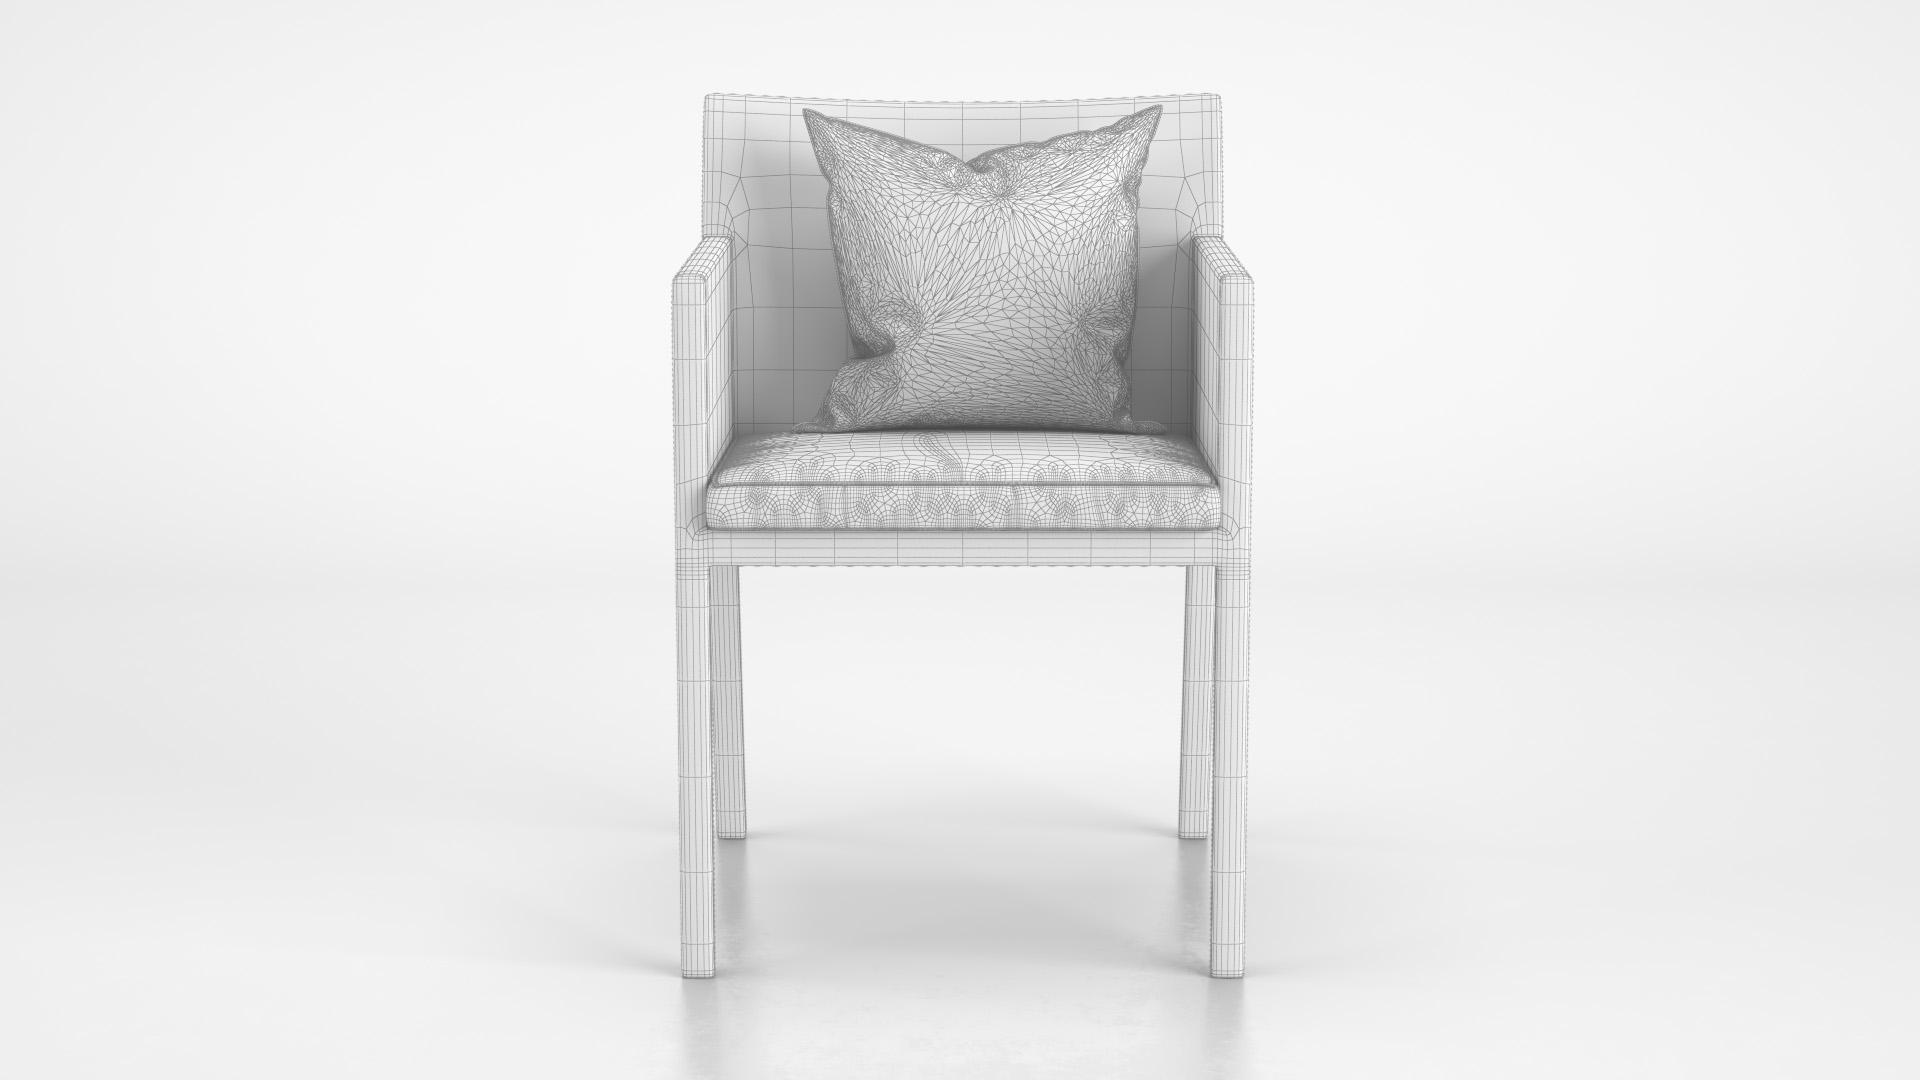 Tribu_Versus_Chair_WhiteSet_01_wire_0001